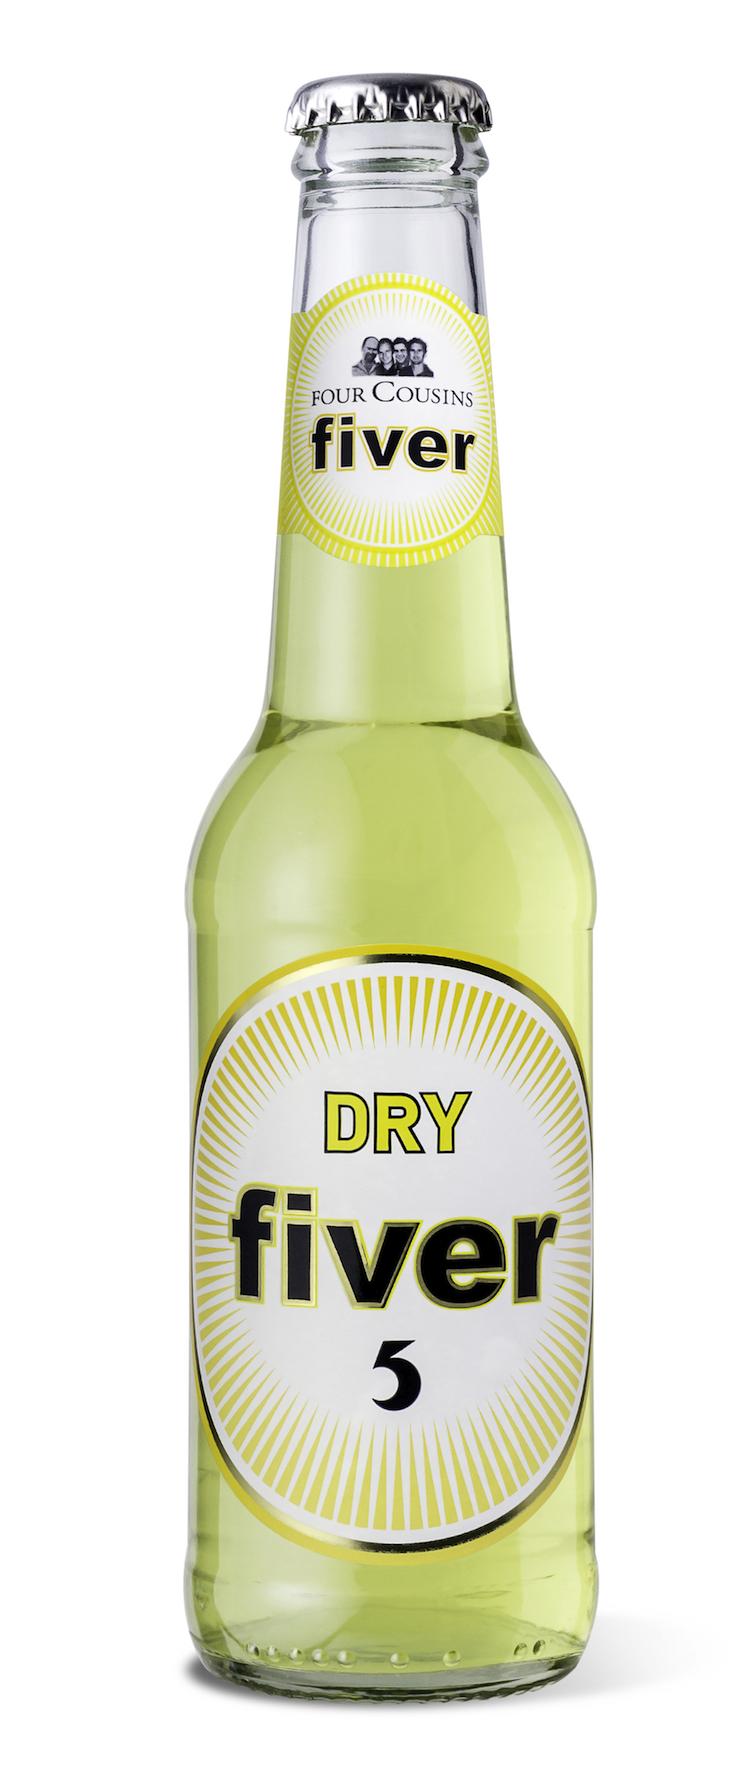 Four Cousins Fiver _ Dry